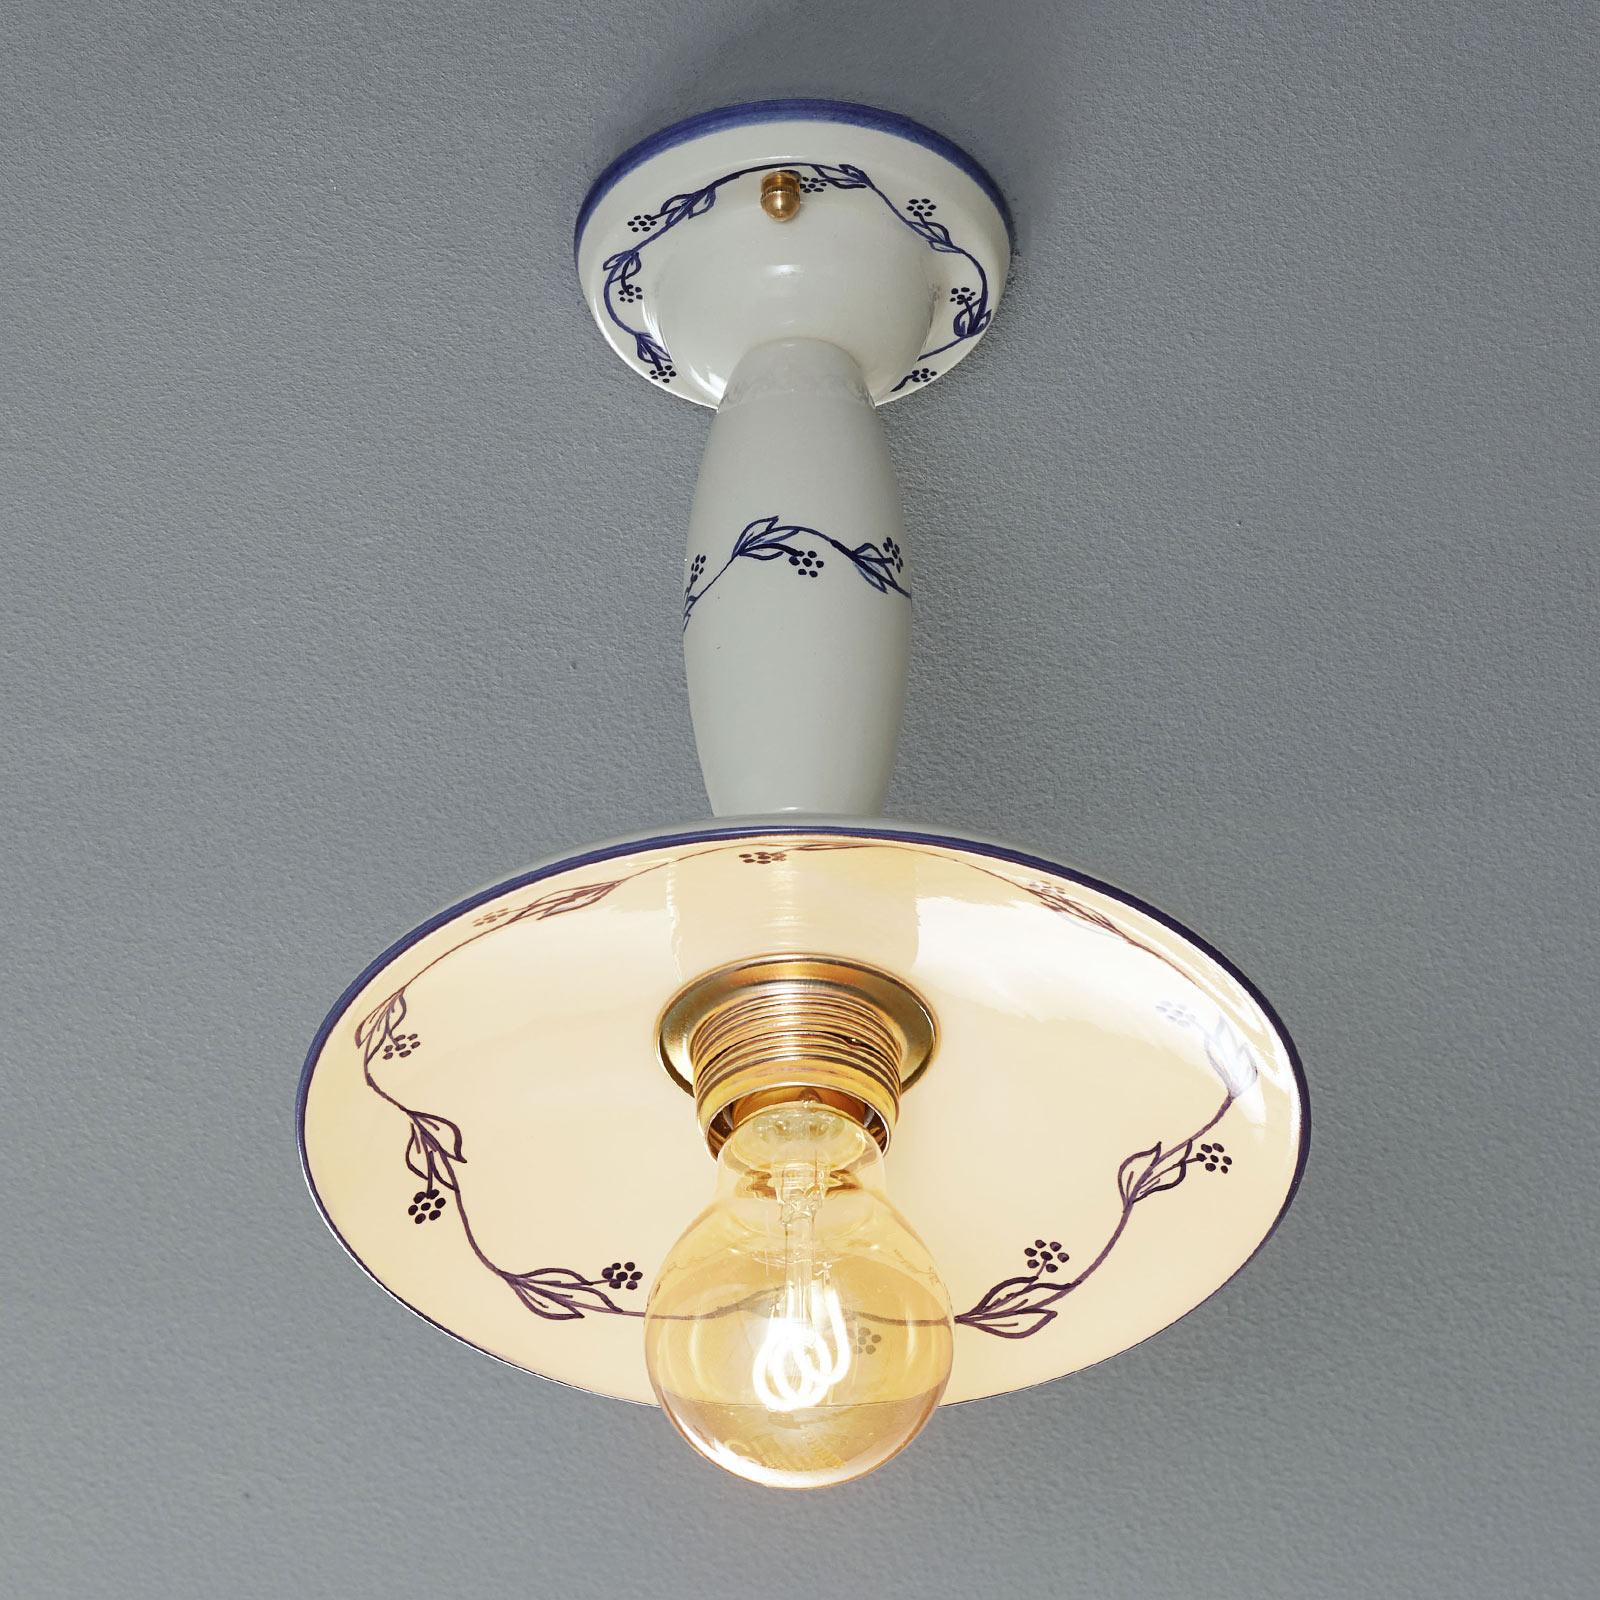 Keramiktaklampa med avstånd